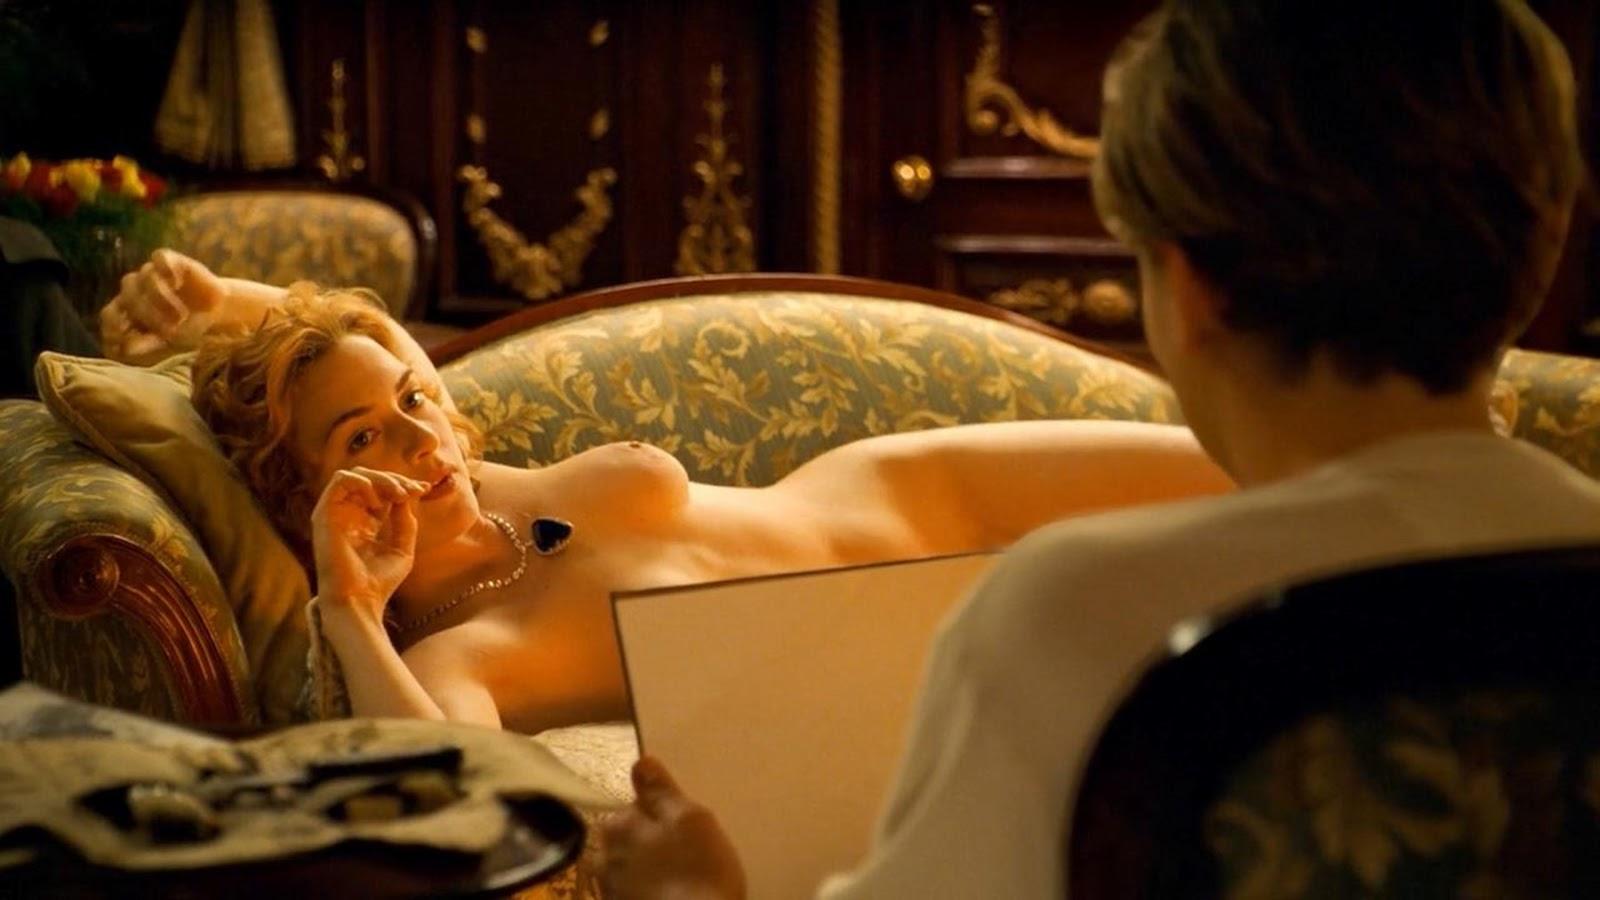 podborki-iz-eroticheskih-filmov